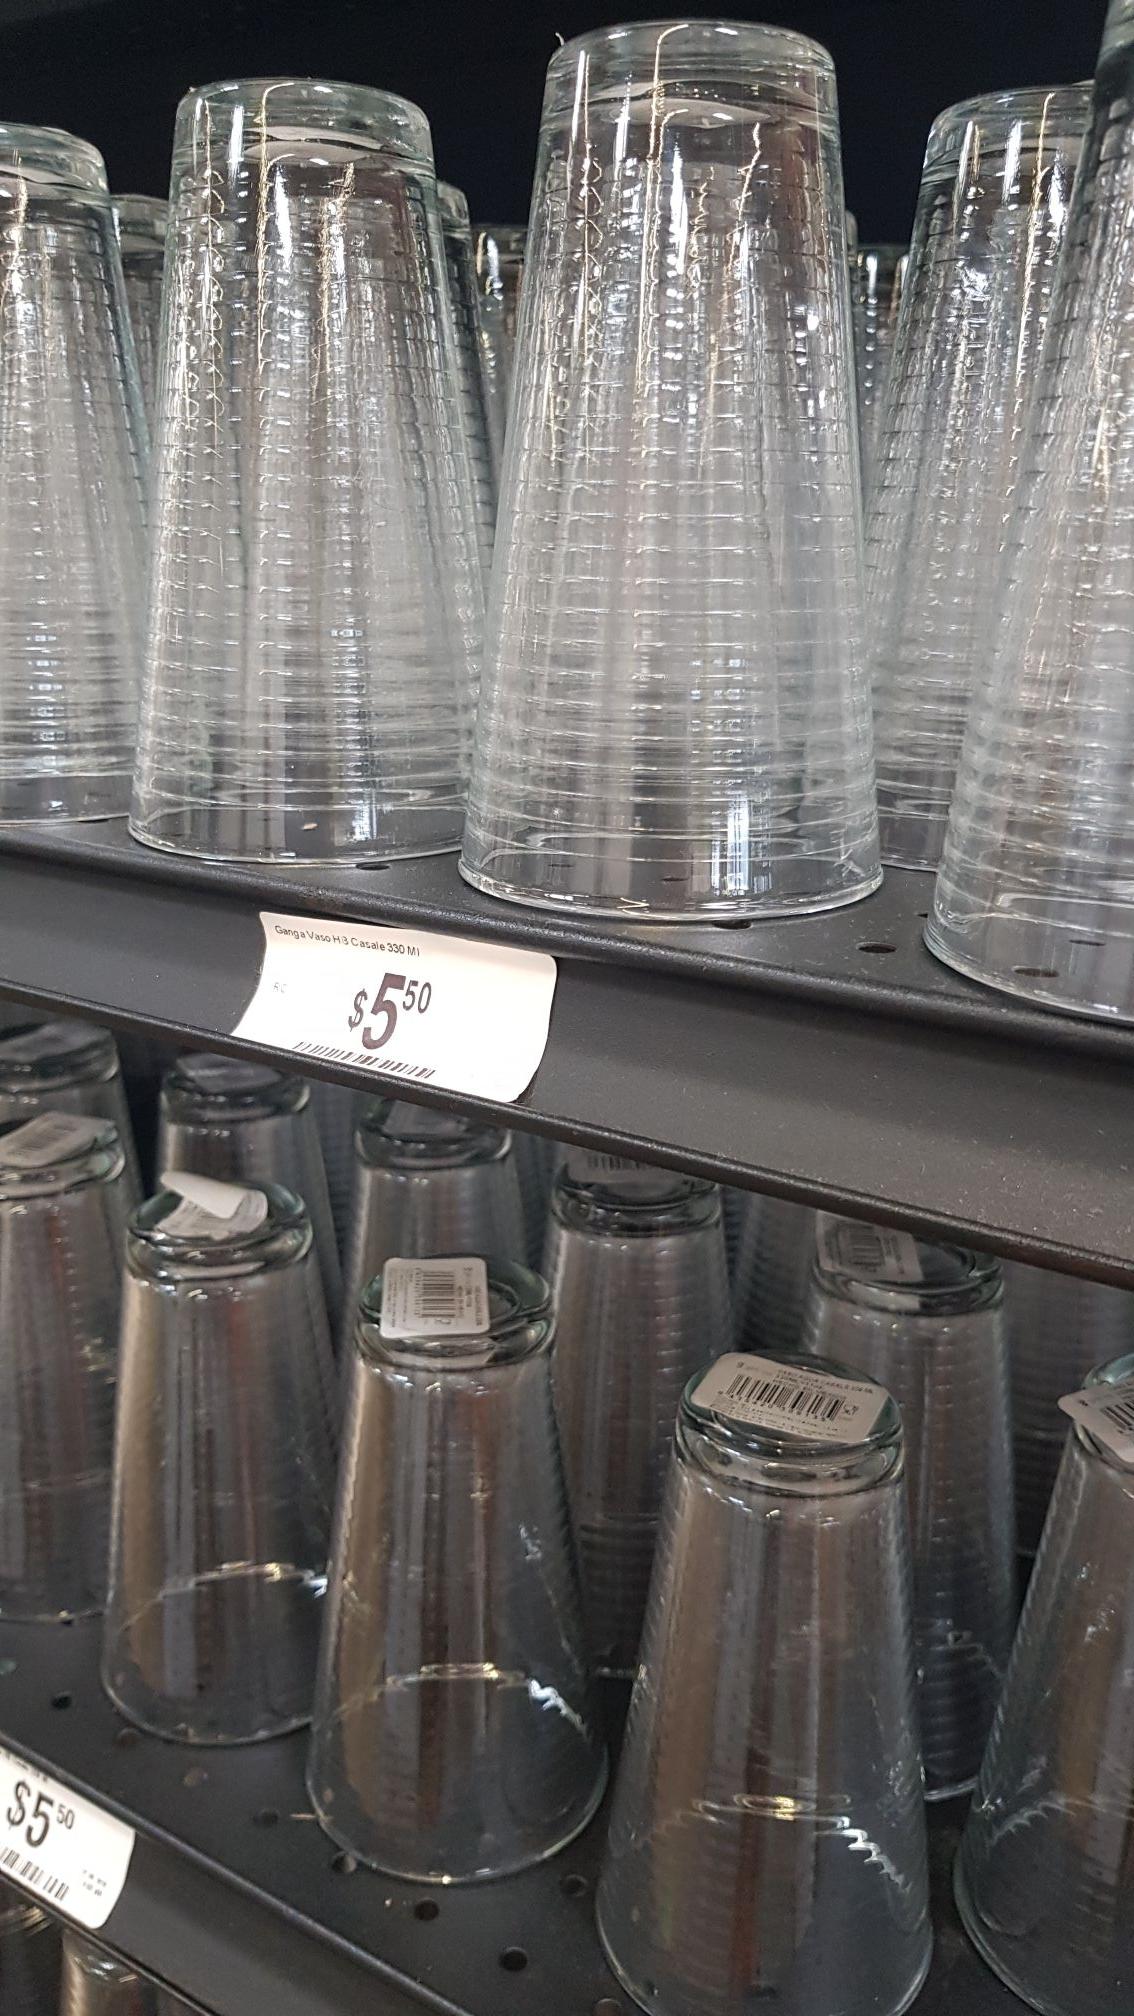 Vasos de cristal de 330 ml, chedraui tienda física y app